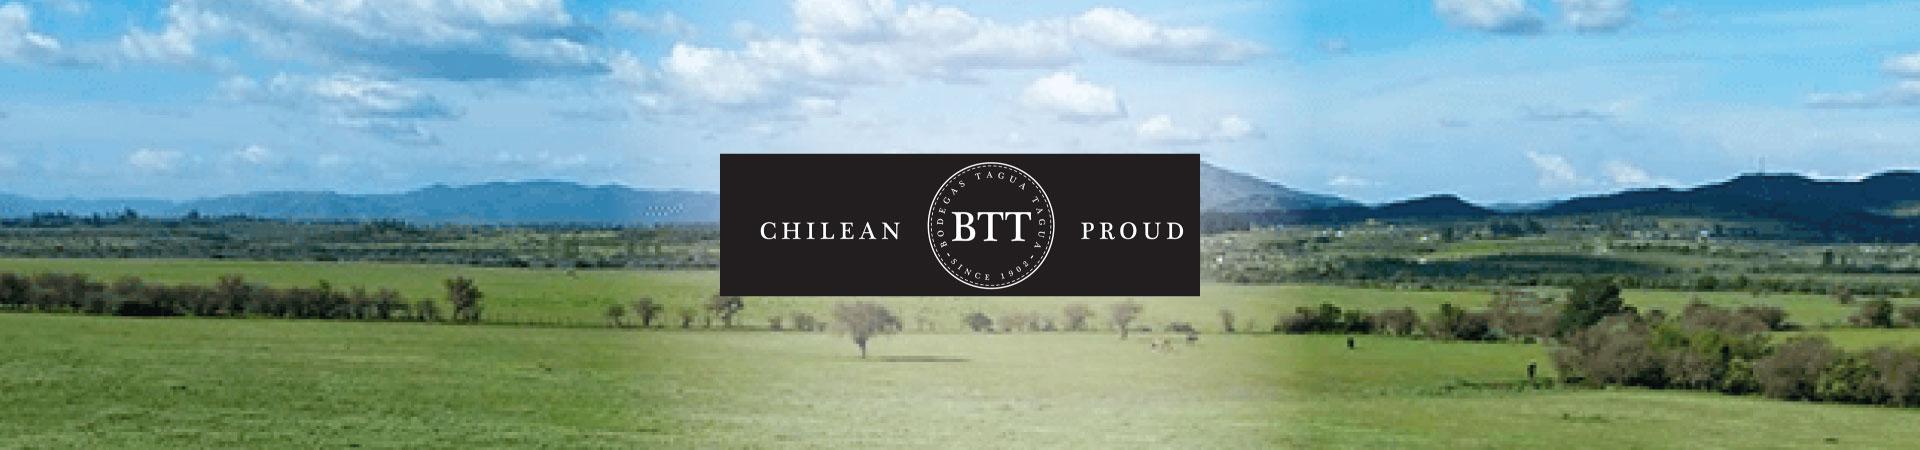 banner produtor